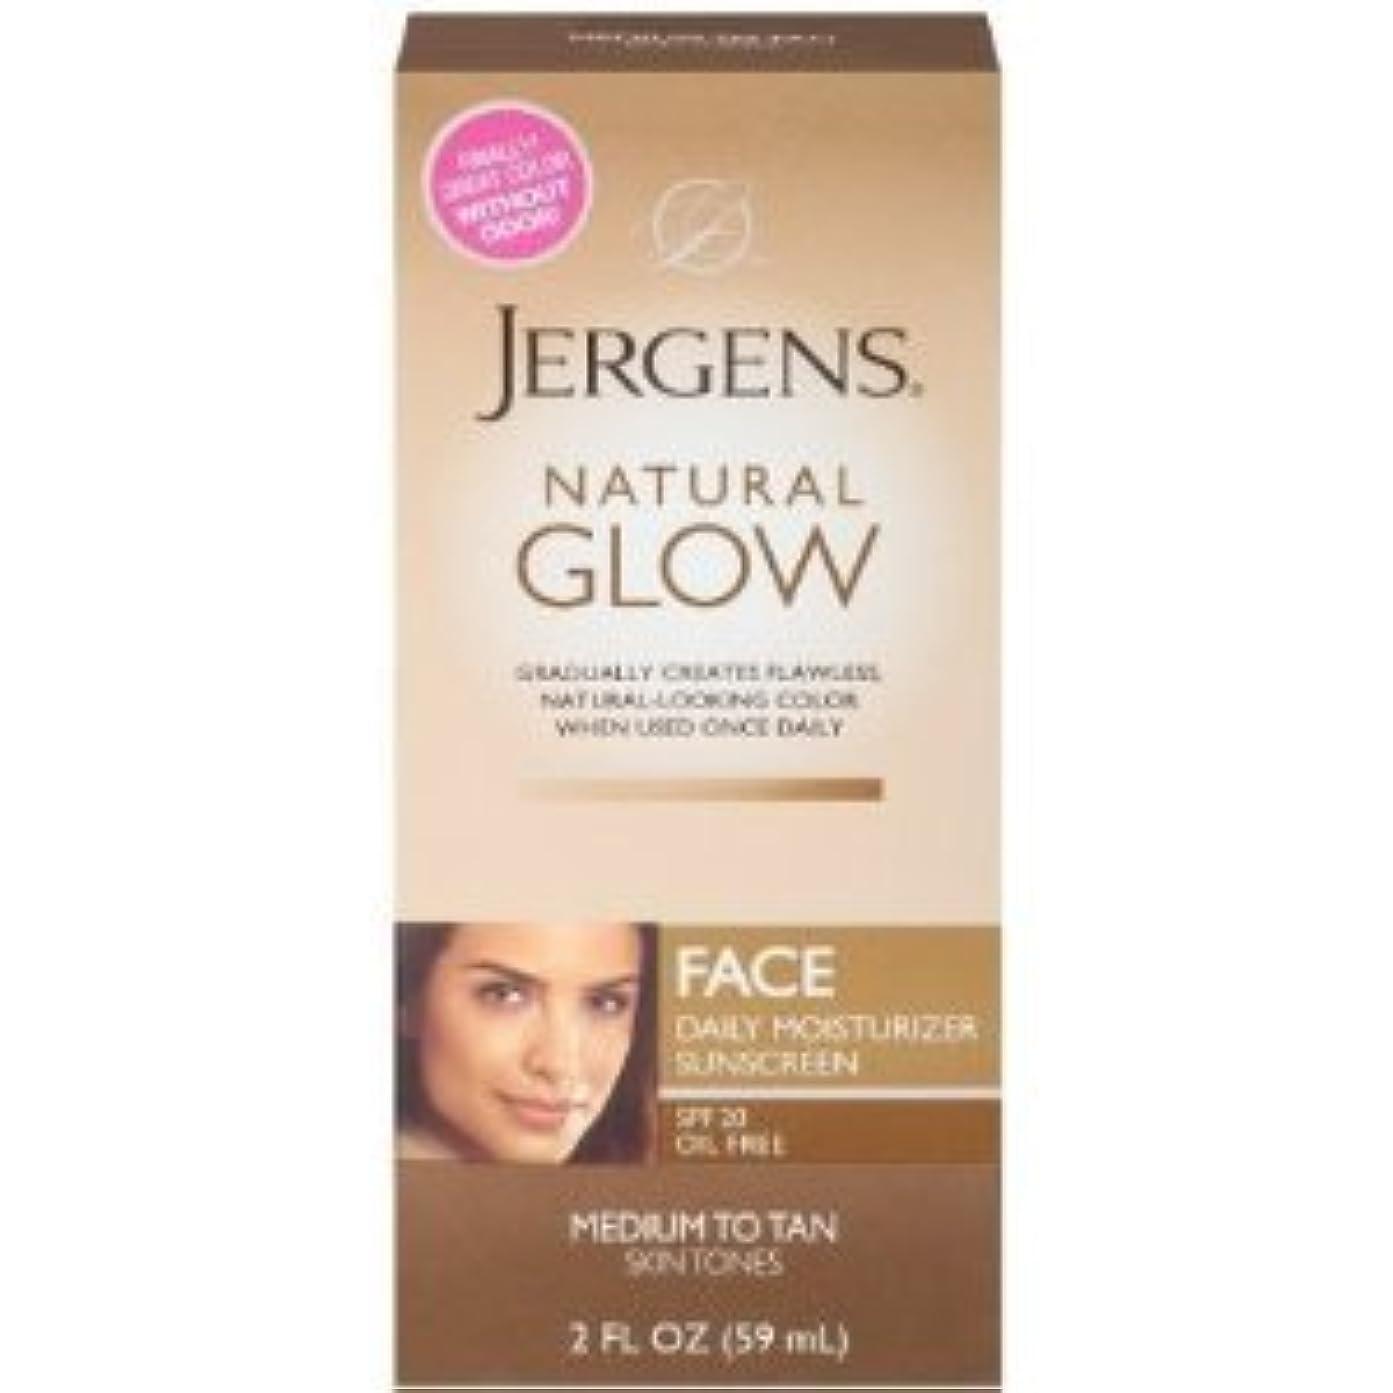 同化する不運博物館Natural Glow Healthy Complexion Daily Facial Moisturizer, SPF 20, Medium to Tan, (59ml) (海外直送品)